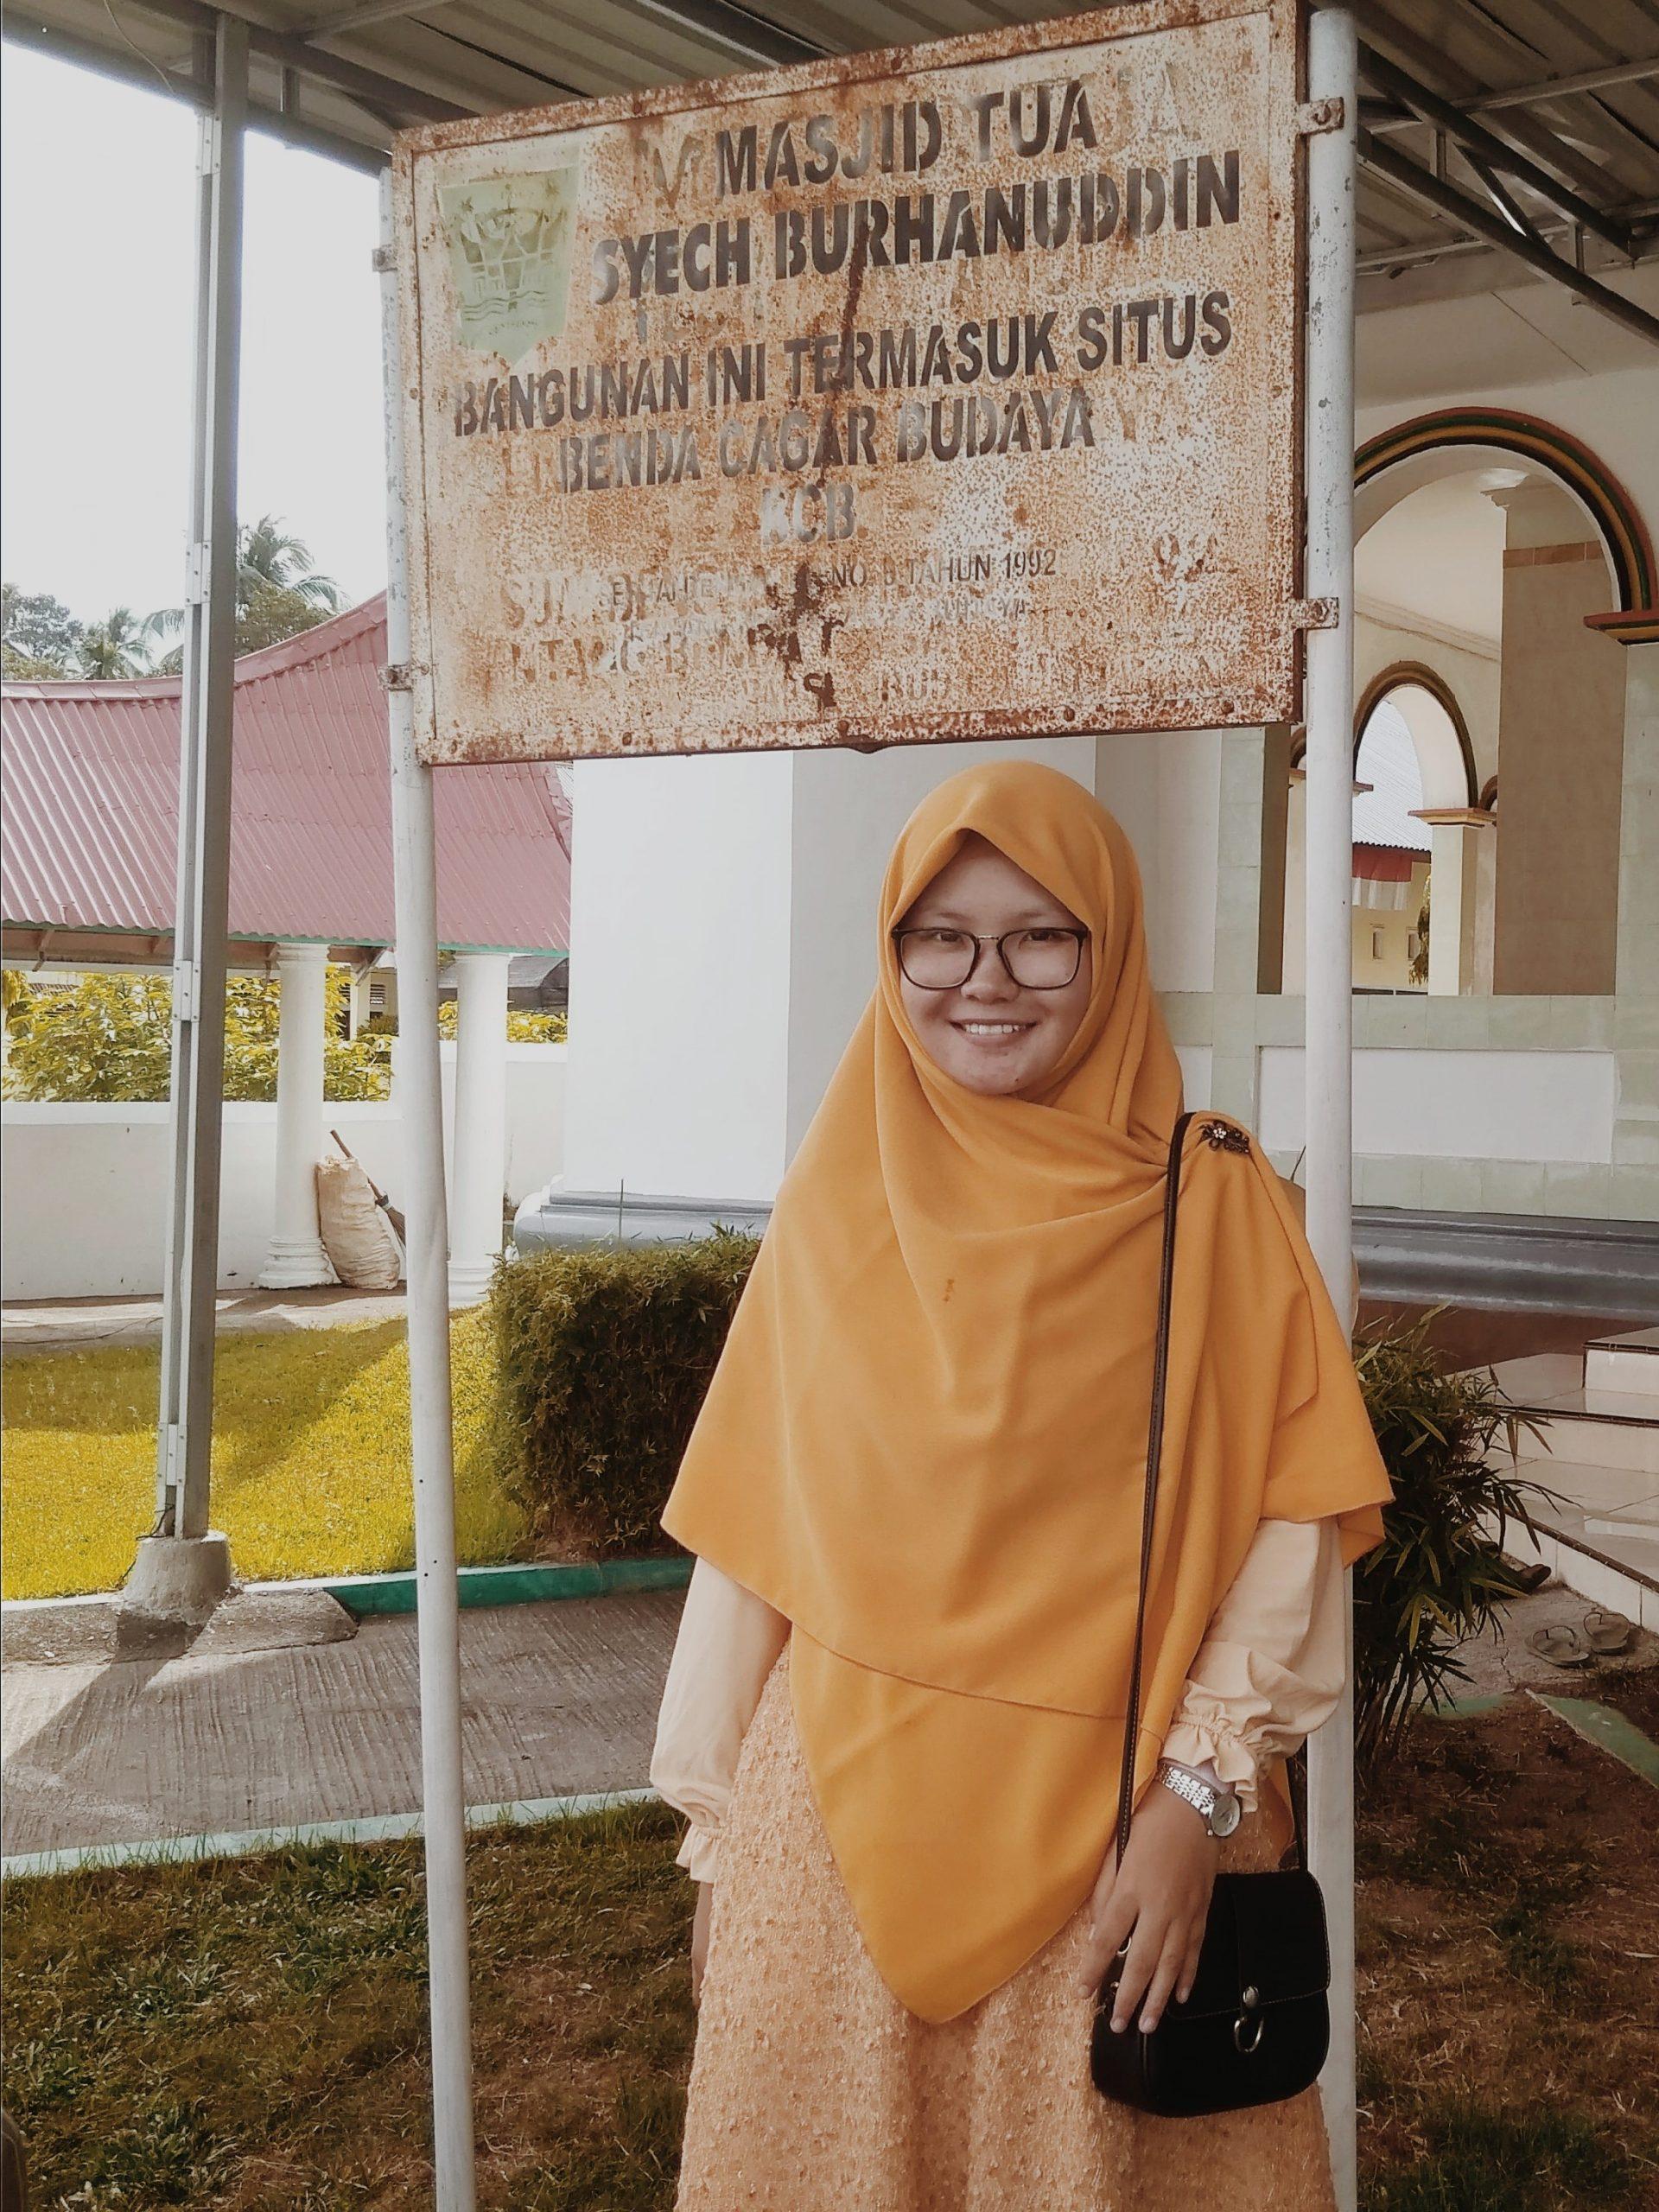 Yunita Umar